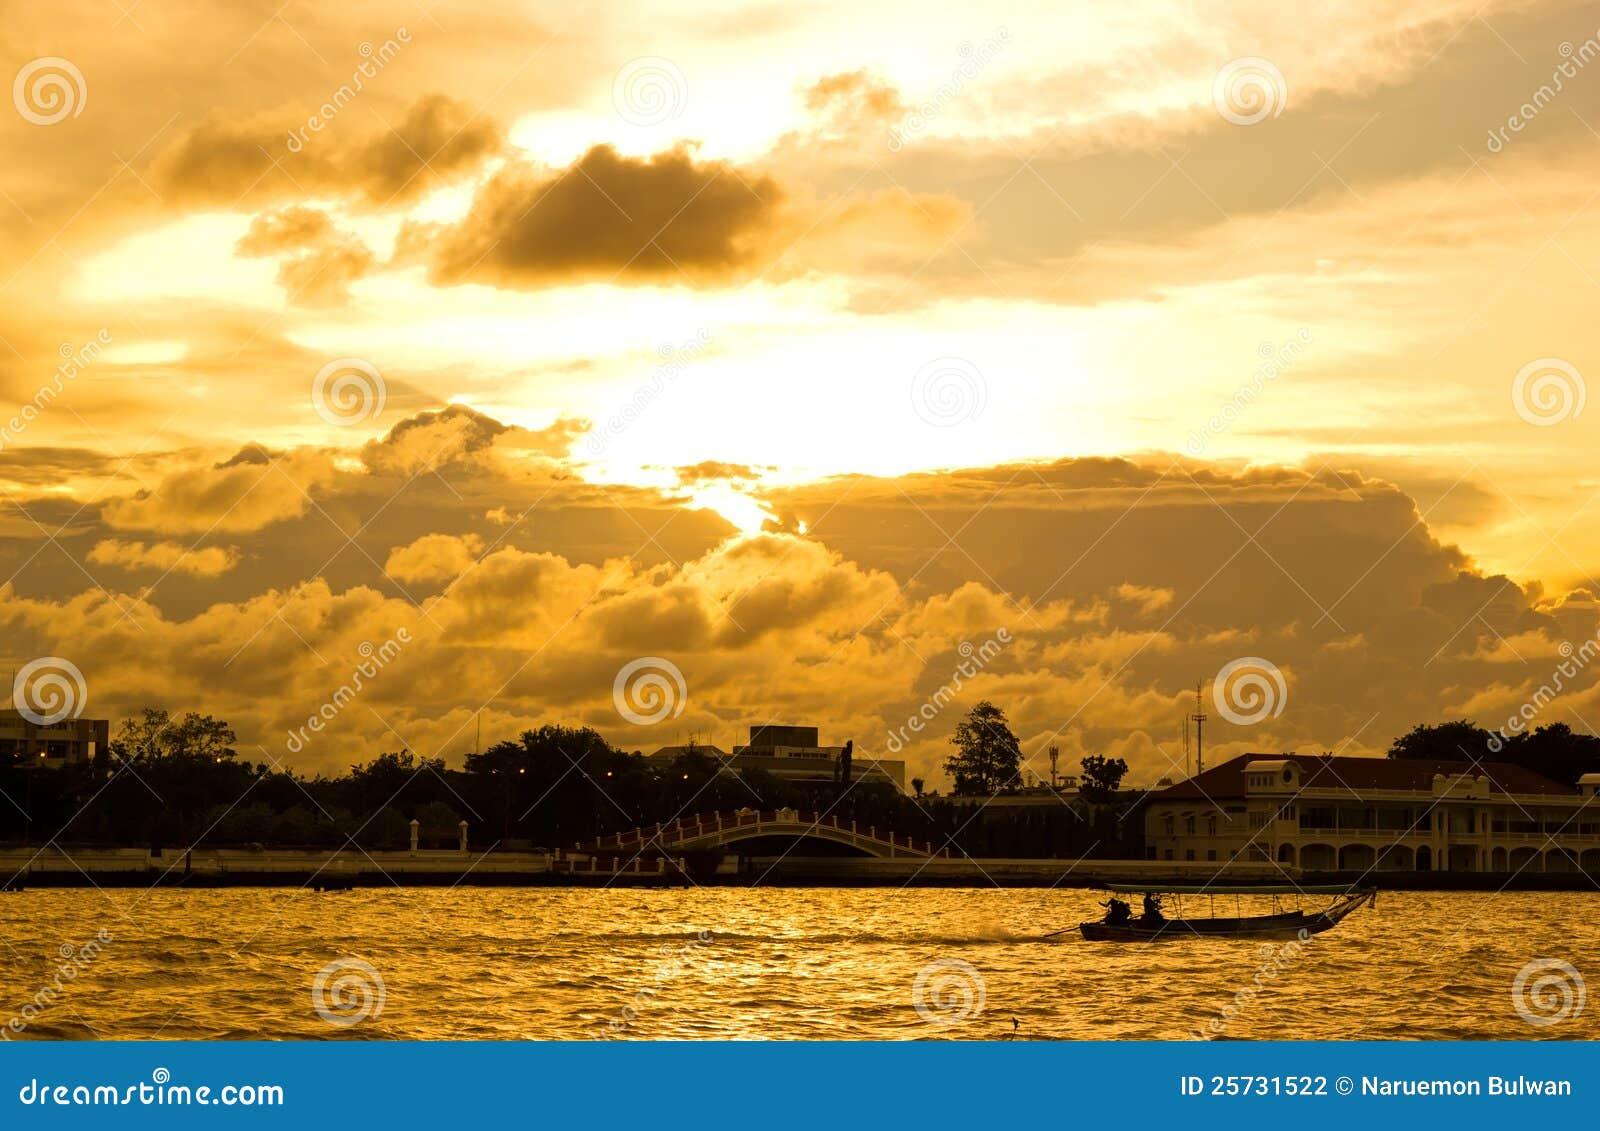 Sunset in Bangkok at River